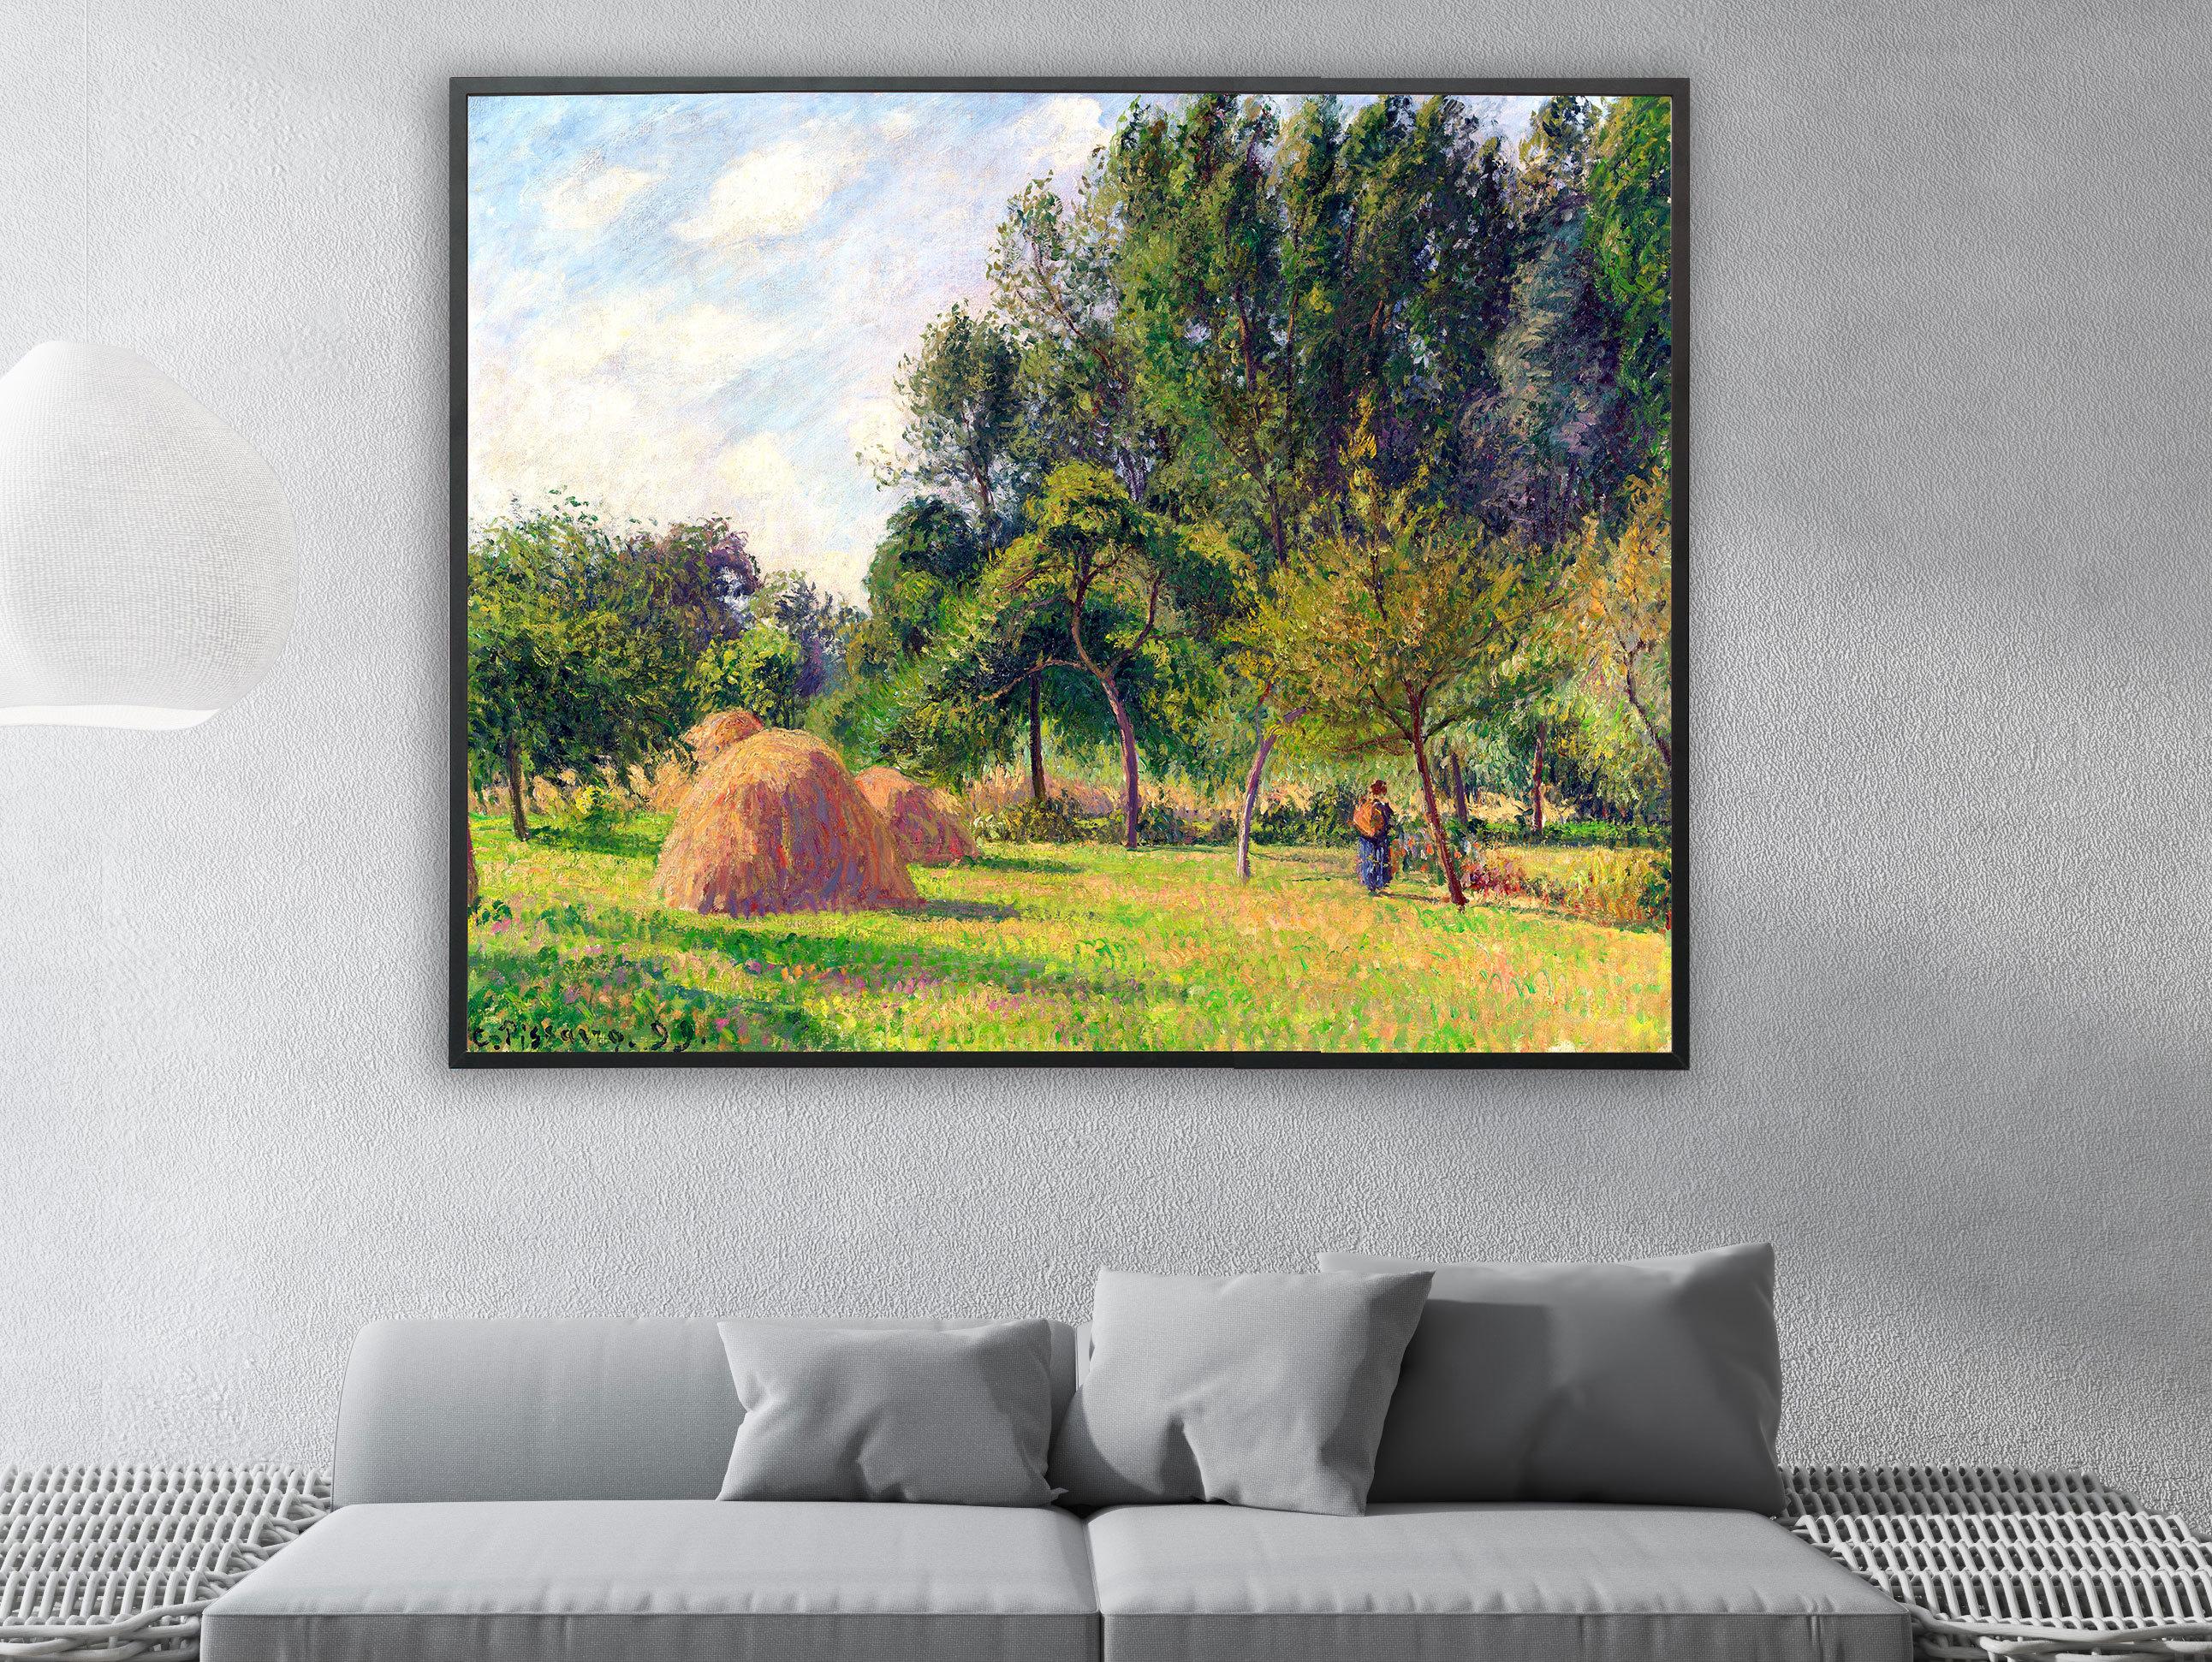 Camille Pissarro - Heuhaufen am Morgen Eragny in Frankreich, Bilderrahmen schwarz